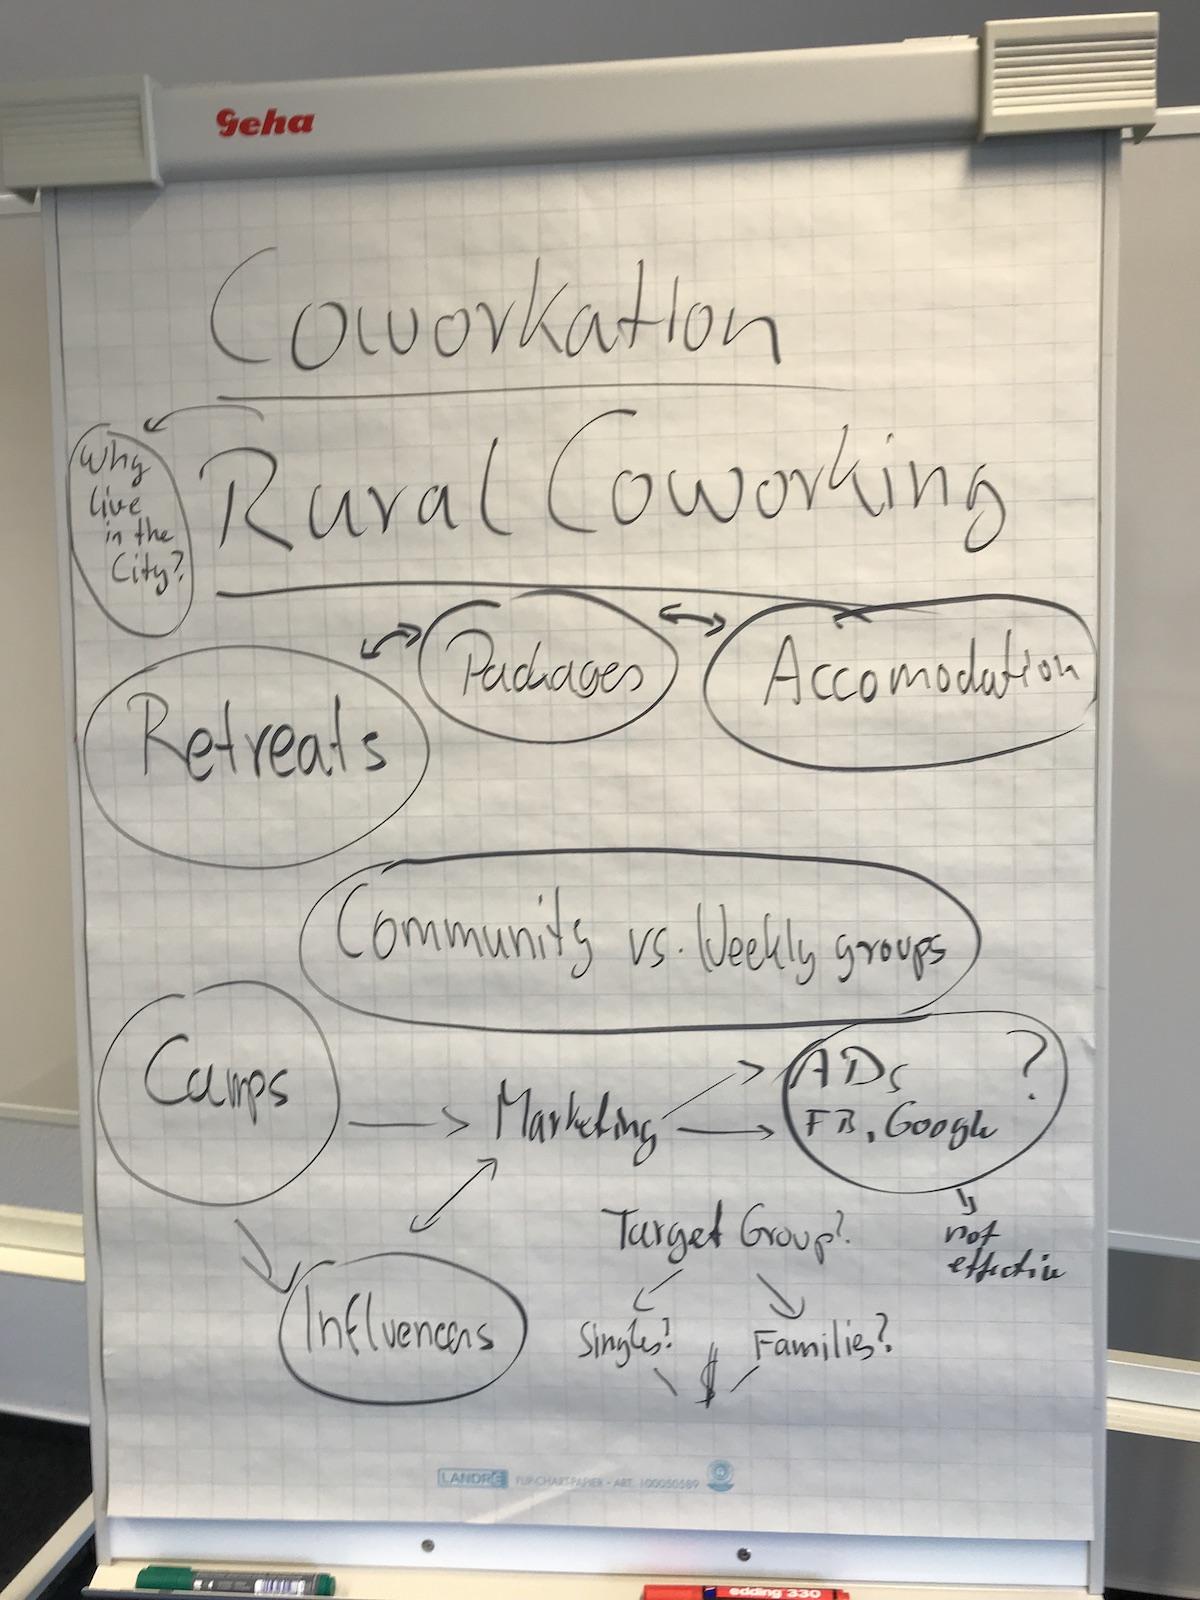 Die Ergebnisse der Barcamp Session zum Thema Rural Coworking - Coworkation